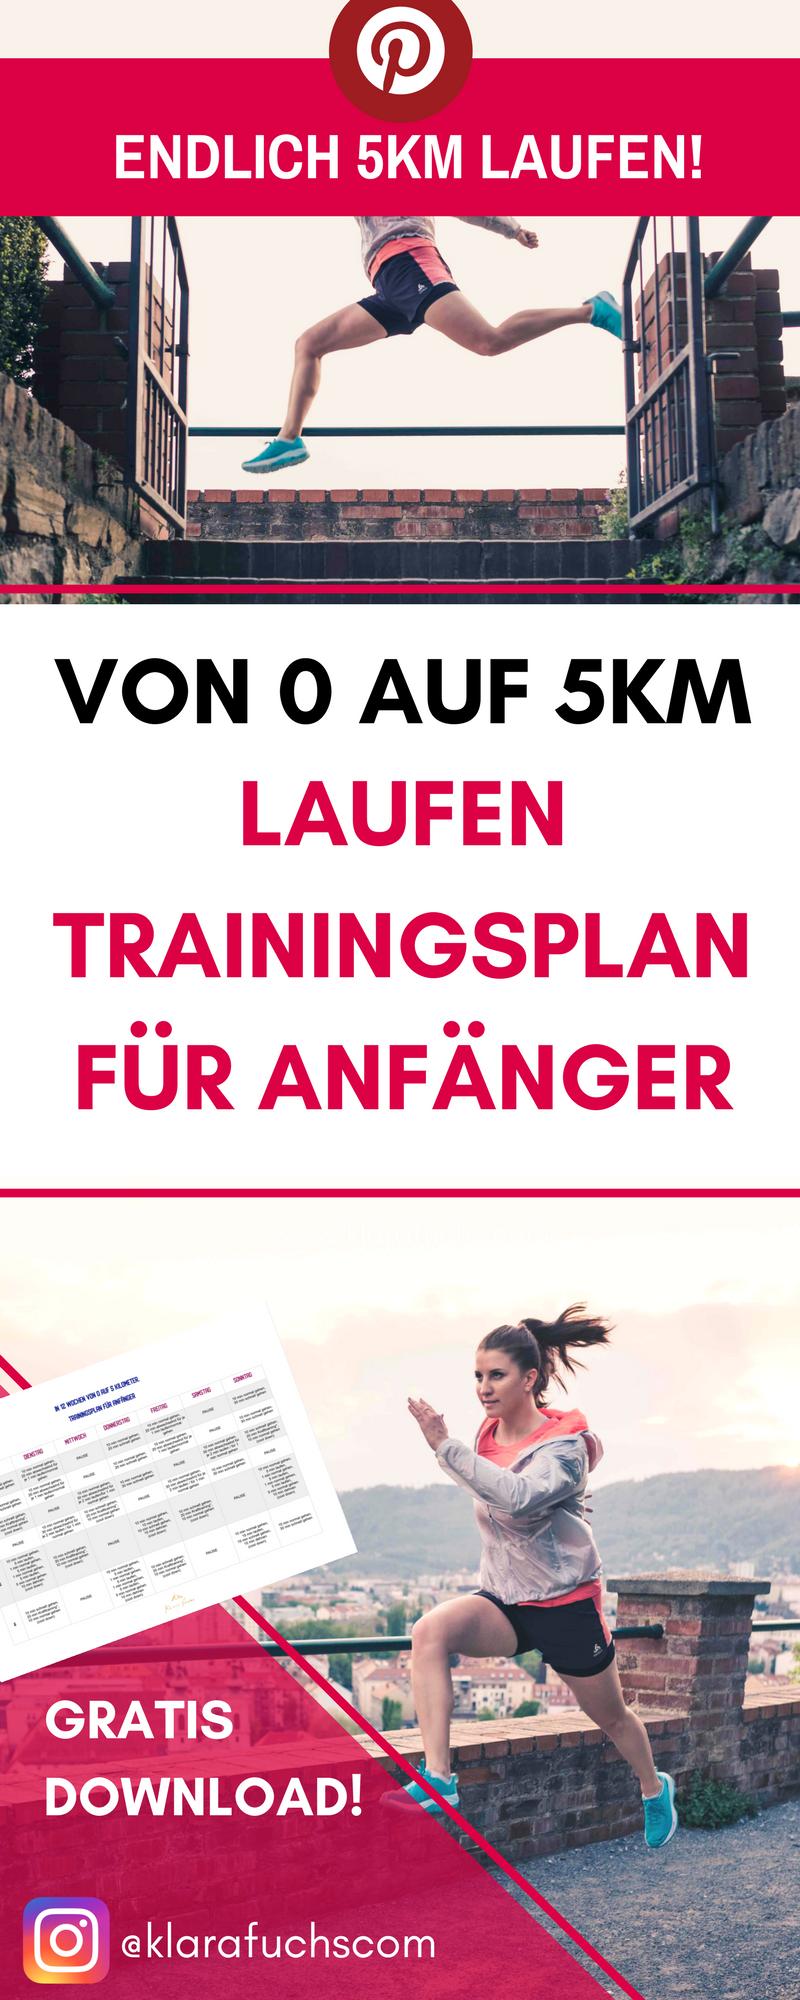 Von 0 auf 5 km. Trainingsplan für Laufanfänger #weighttraining